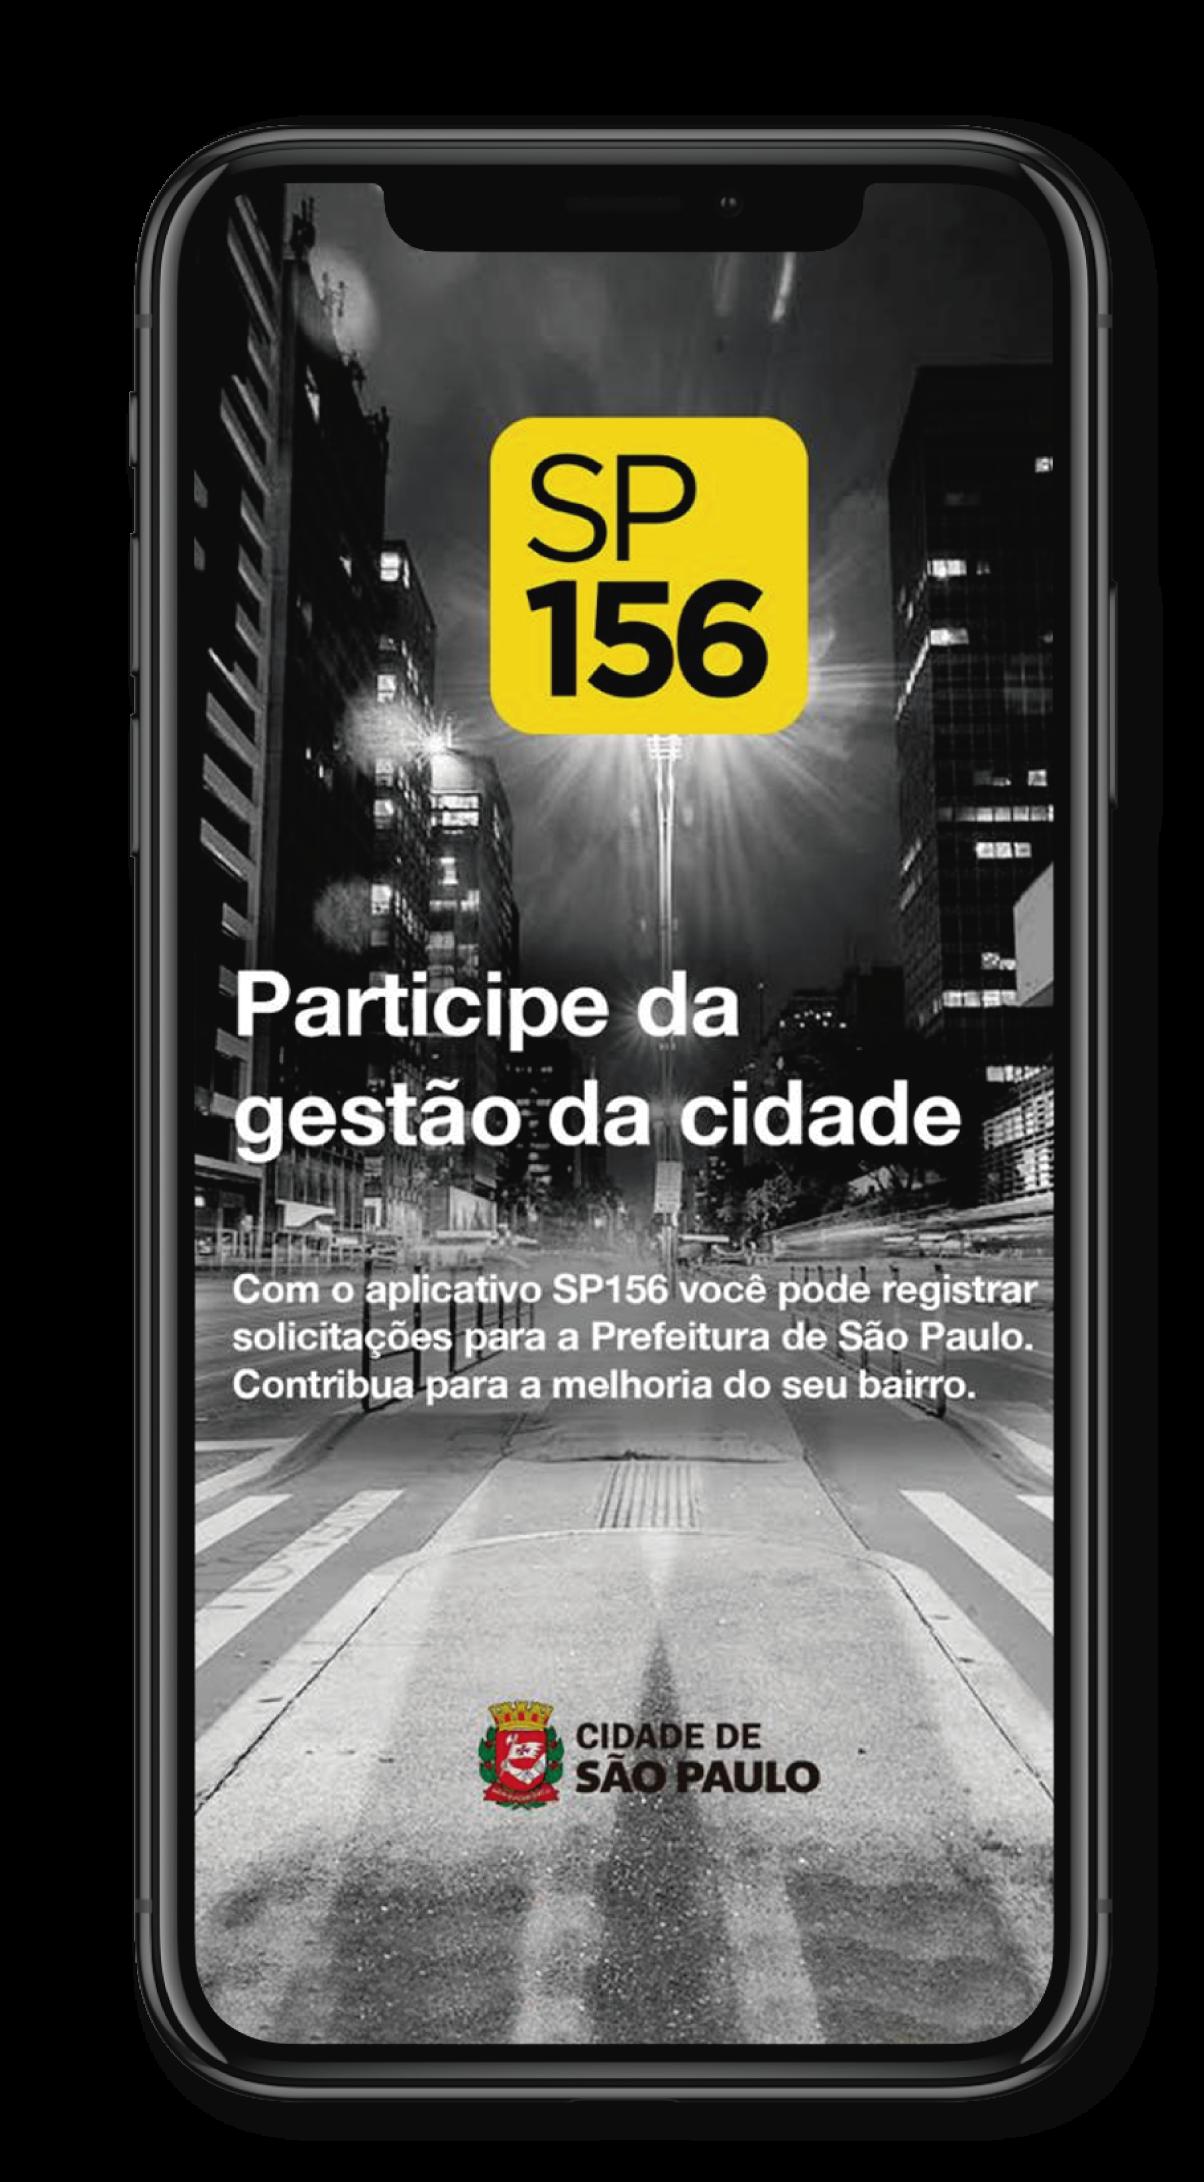 Imagem ilustrativa do aplicativo SP156 - Mostra a interface do aplicativo onde aparece a foto de perfil do usuário e abaixo os serviços disponíveis